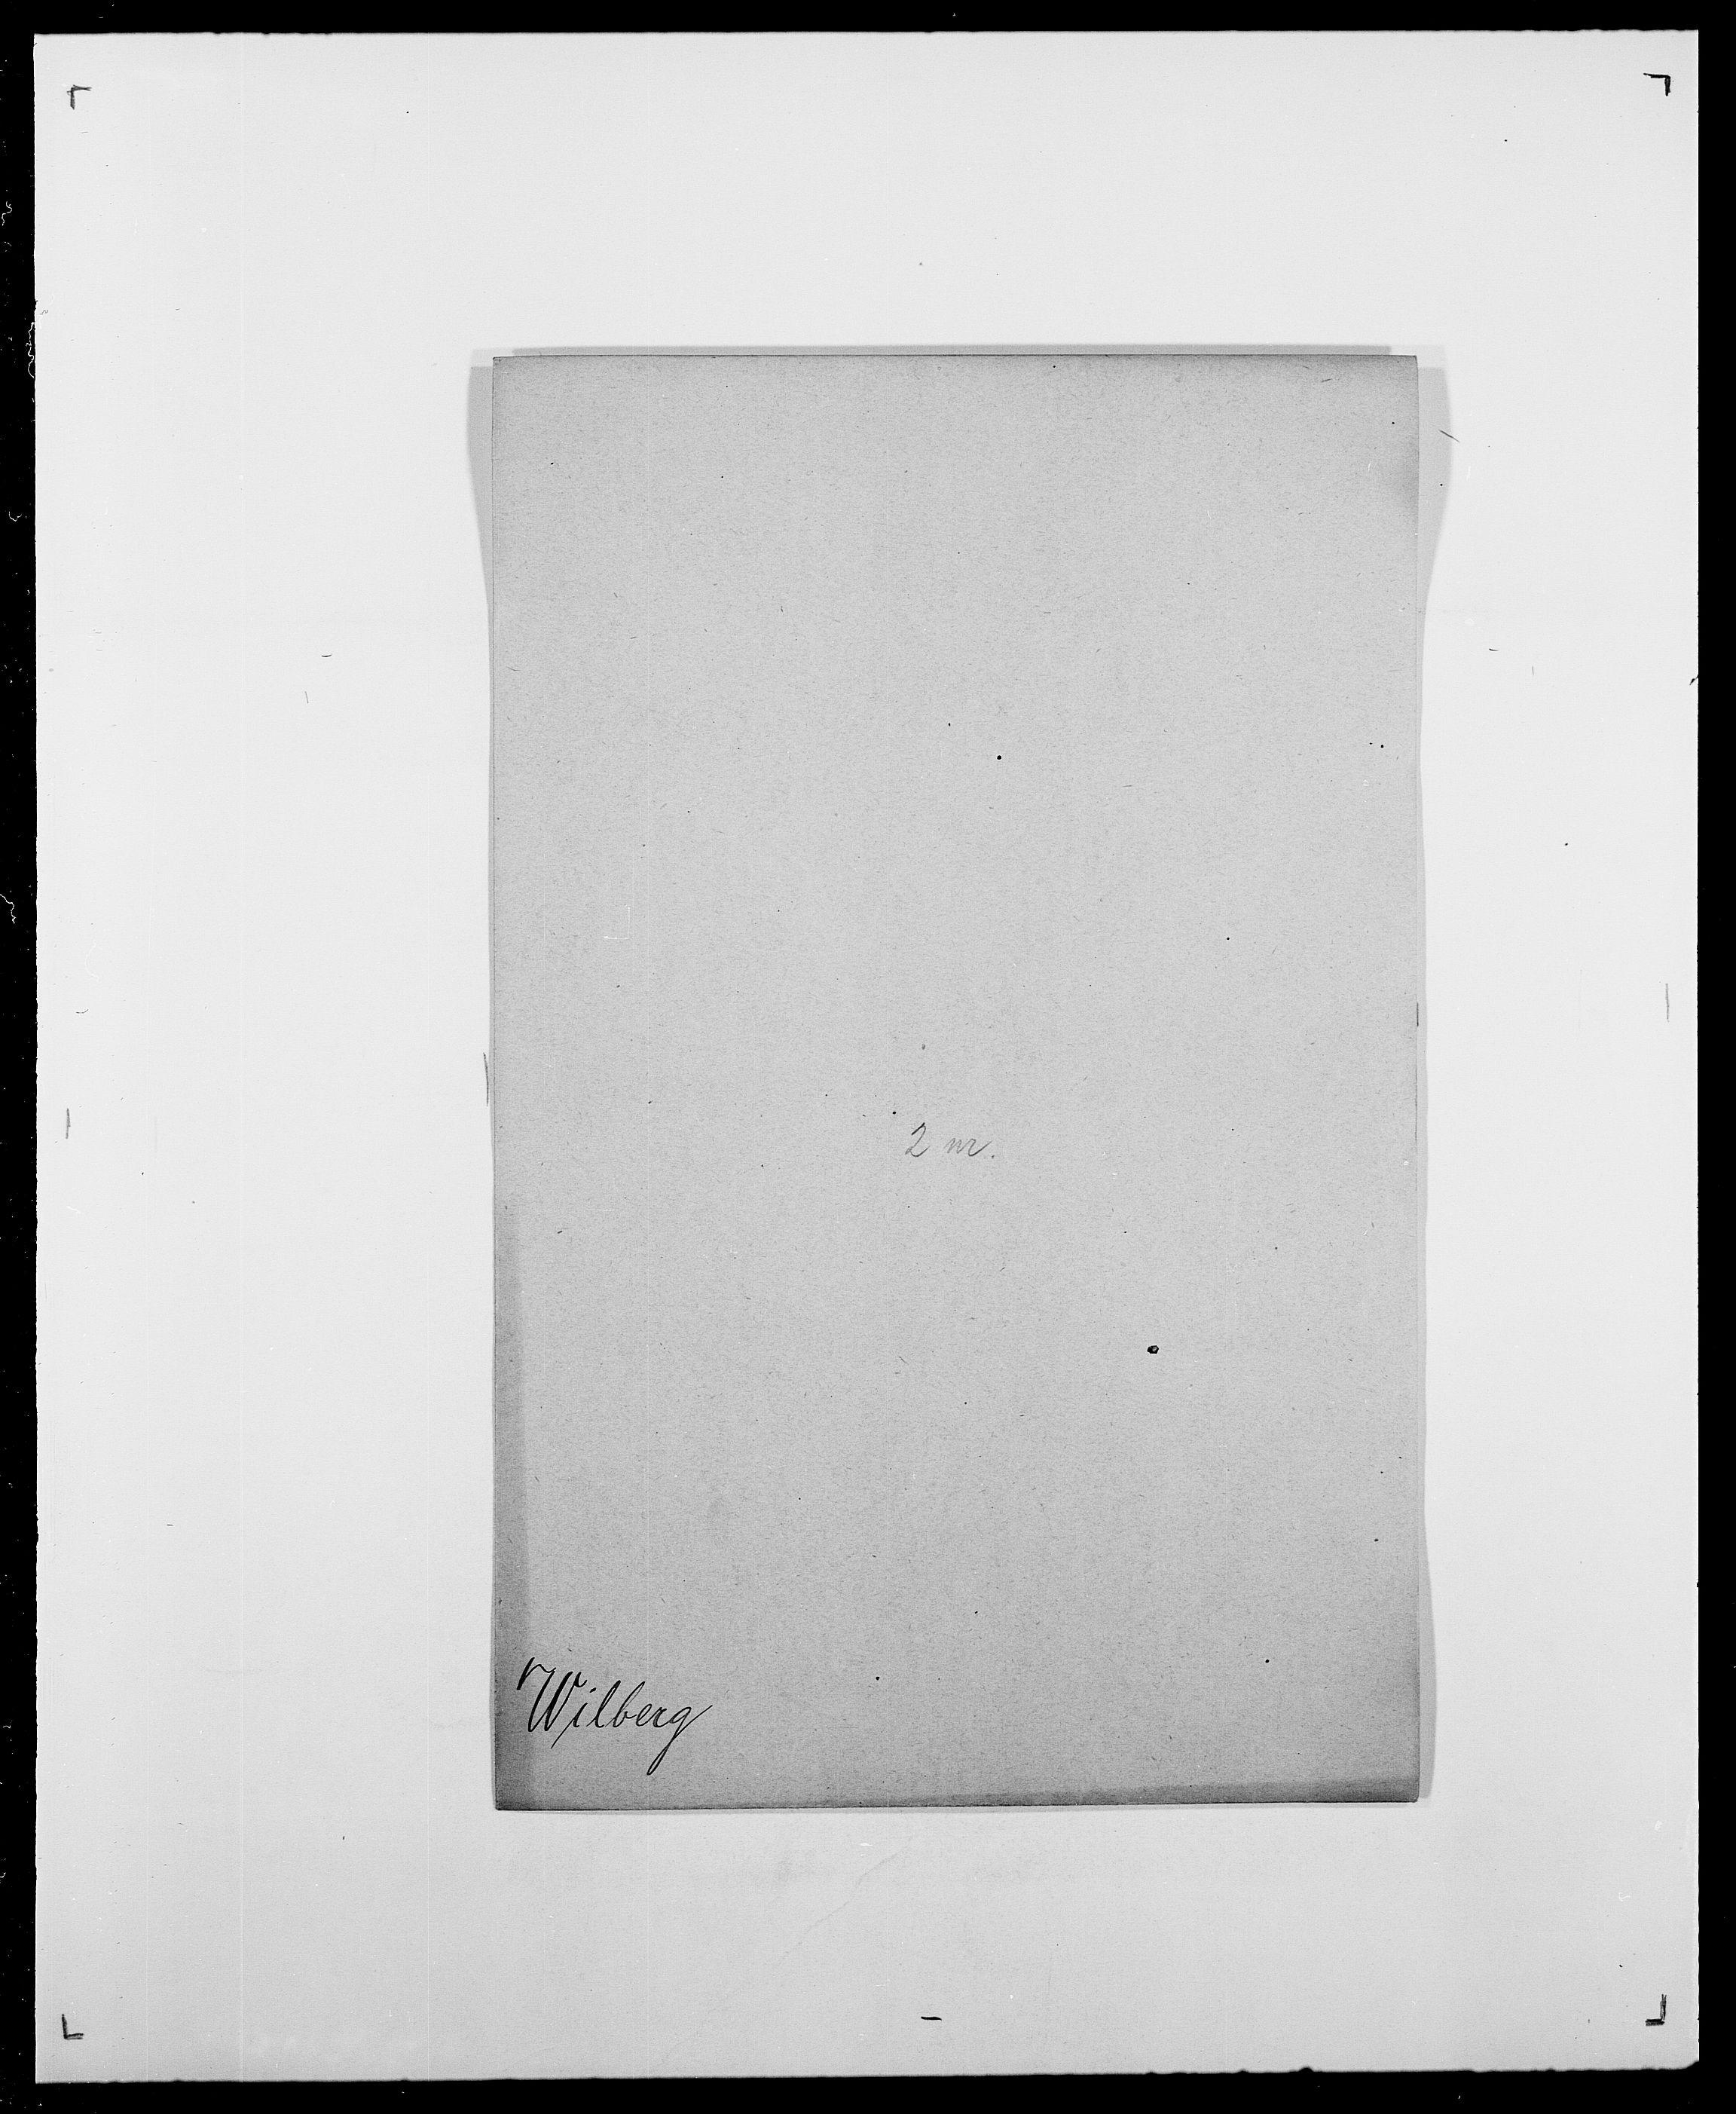 SAO, Delgobe, Charles Antoine - samling, D/Da/L0042: Vilain - Wulf, Wulff, se også Wolf, s. 5